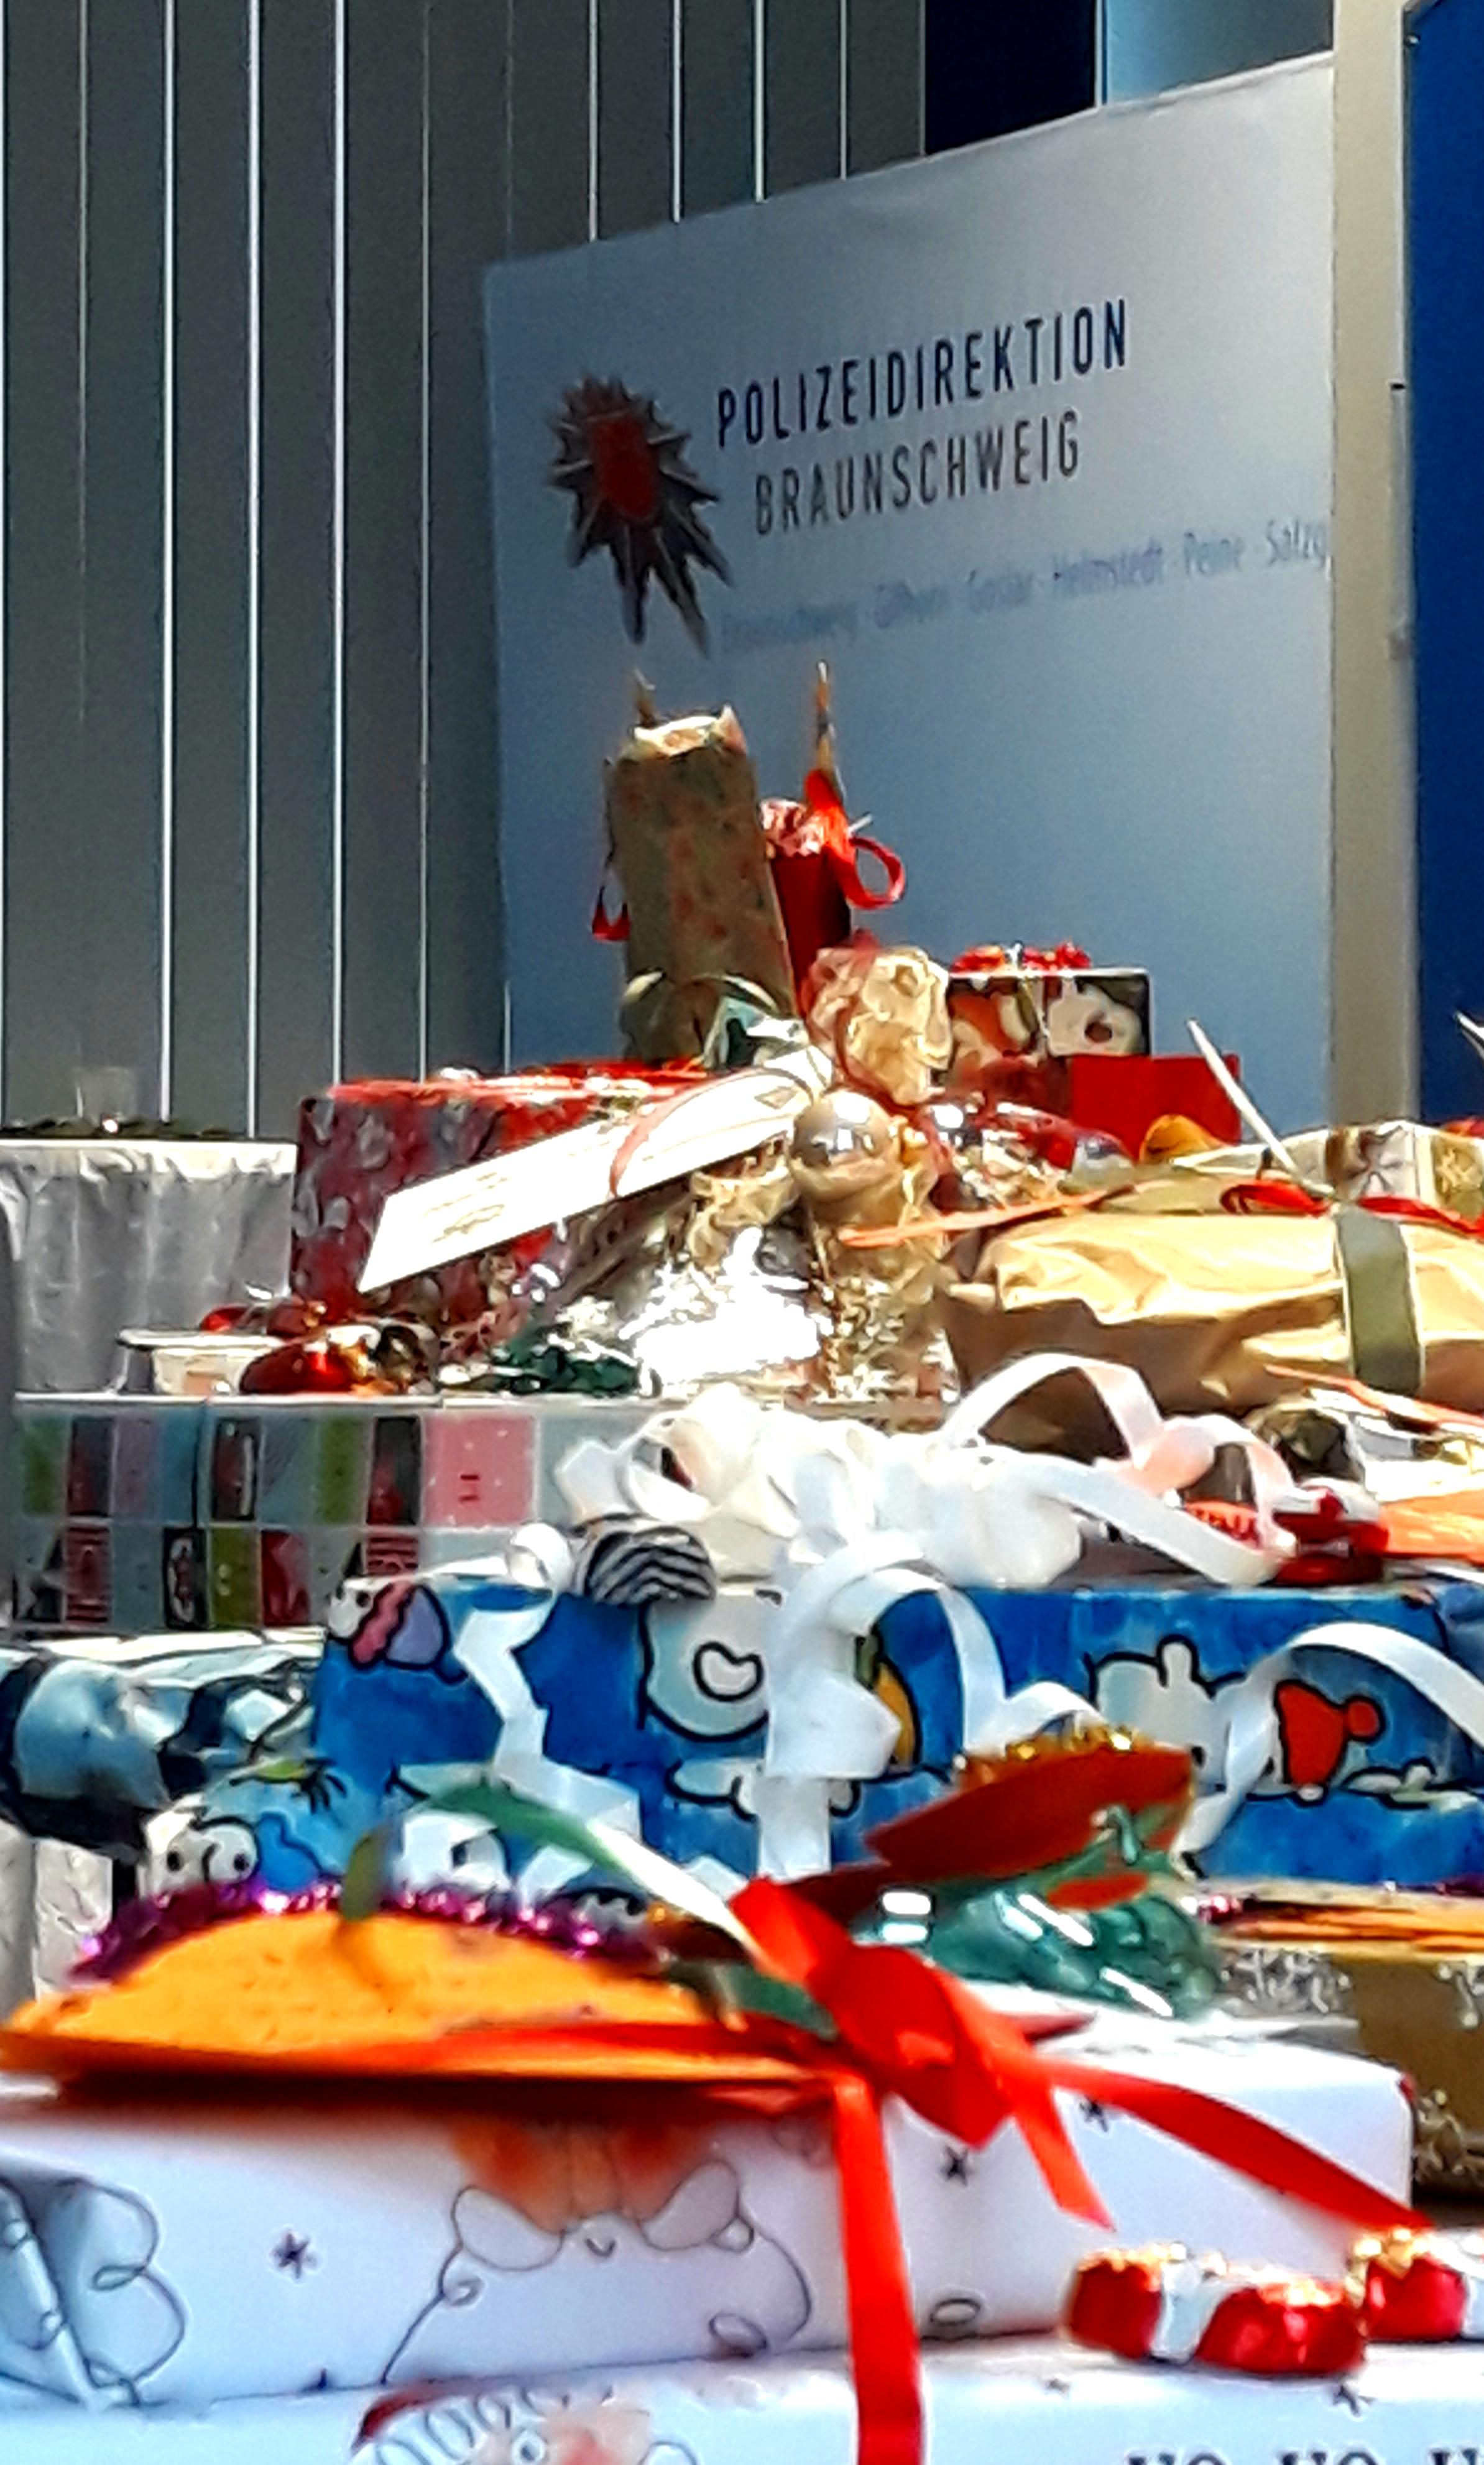 Weihnachtswünsche Jugendliche.Pol Bs Die Polizei Braunschweig Erfüllt Weihnachtswünsche